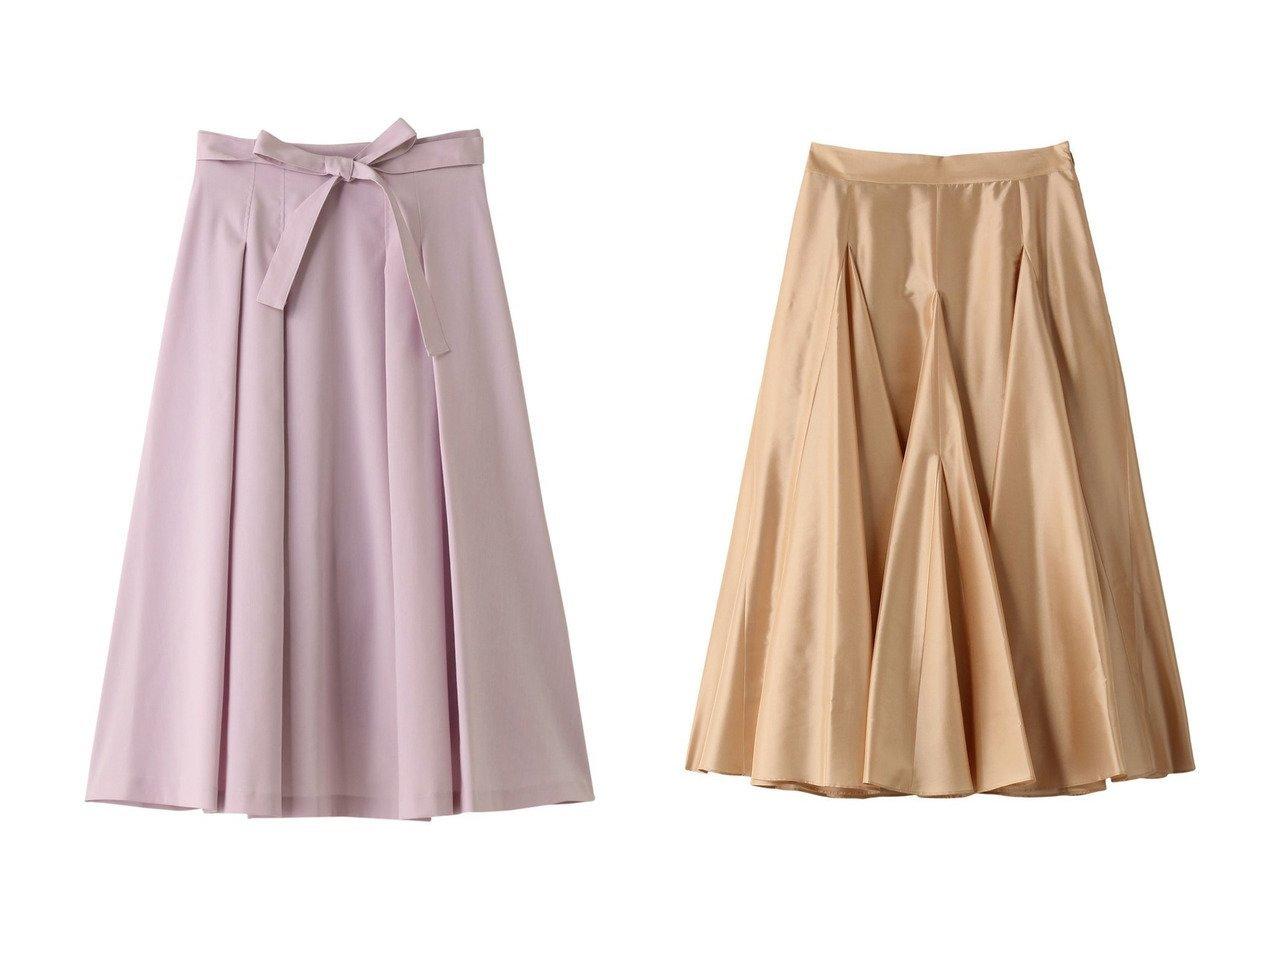 【ANAYI/アナイ】のリネンコンストレッチフレアスカート&タフタシームフレアスカート スカートのおすすめ!人気、トレンド・レディースファッションの通販 おすすめで人気の流行・トレンド、ファッションの通販商品 メンズファッション・キッズファッション・インテリア・家具・レディースファッション・服の通販 founy(ファニー) https://founy.com/ ファッション Fashion レディースファッション WOMEN スカート Skirt Aライン/フレアスカート Flared A-Line Skirts ストレッチ フェミニン フレア リネン リボン 人気 再入荷 Restock/Back in Stock/Re Arrival |ID:crp329100000012916